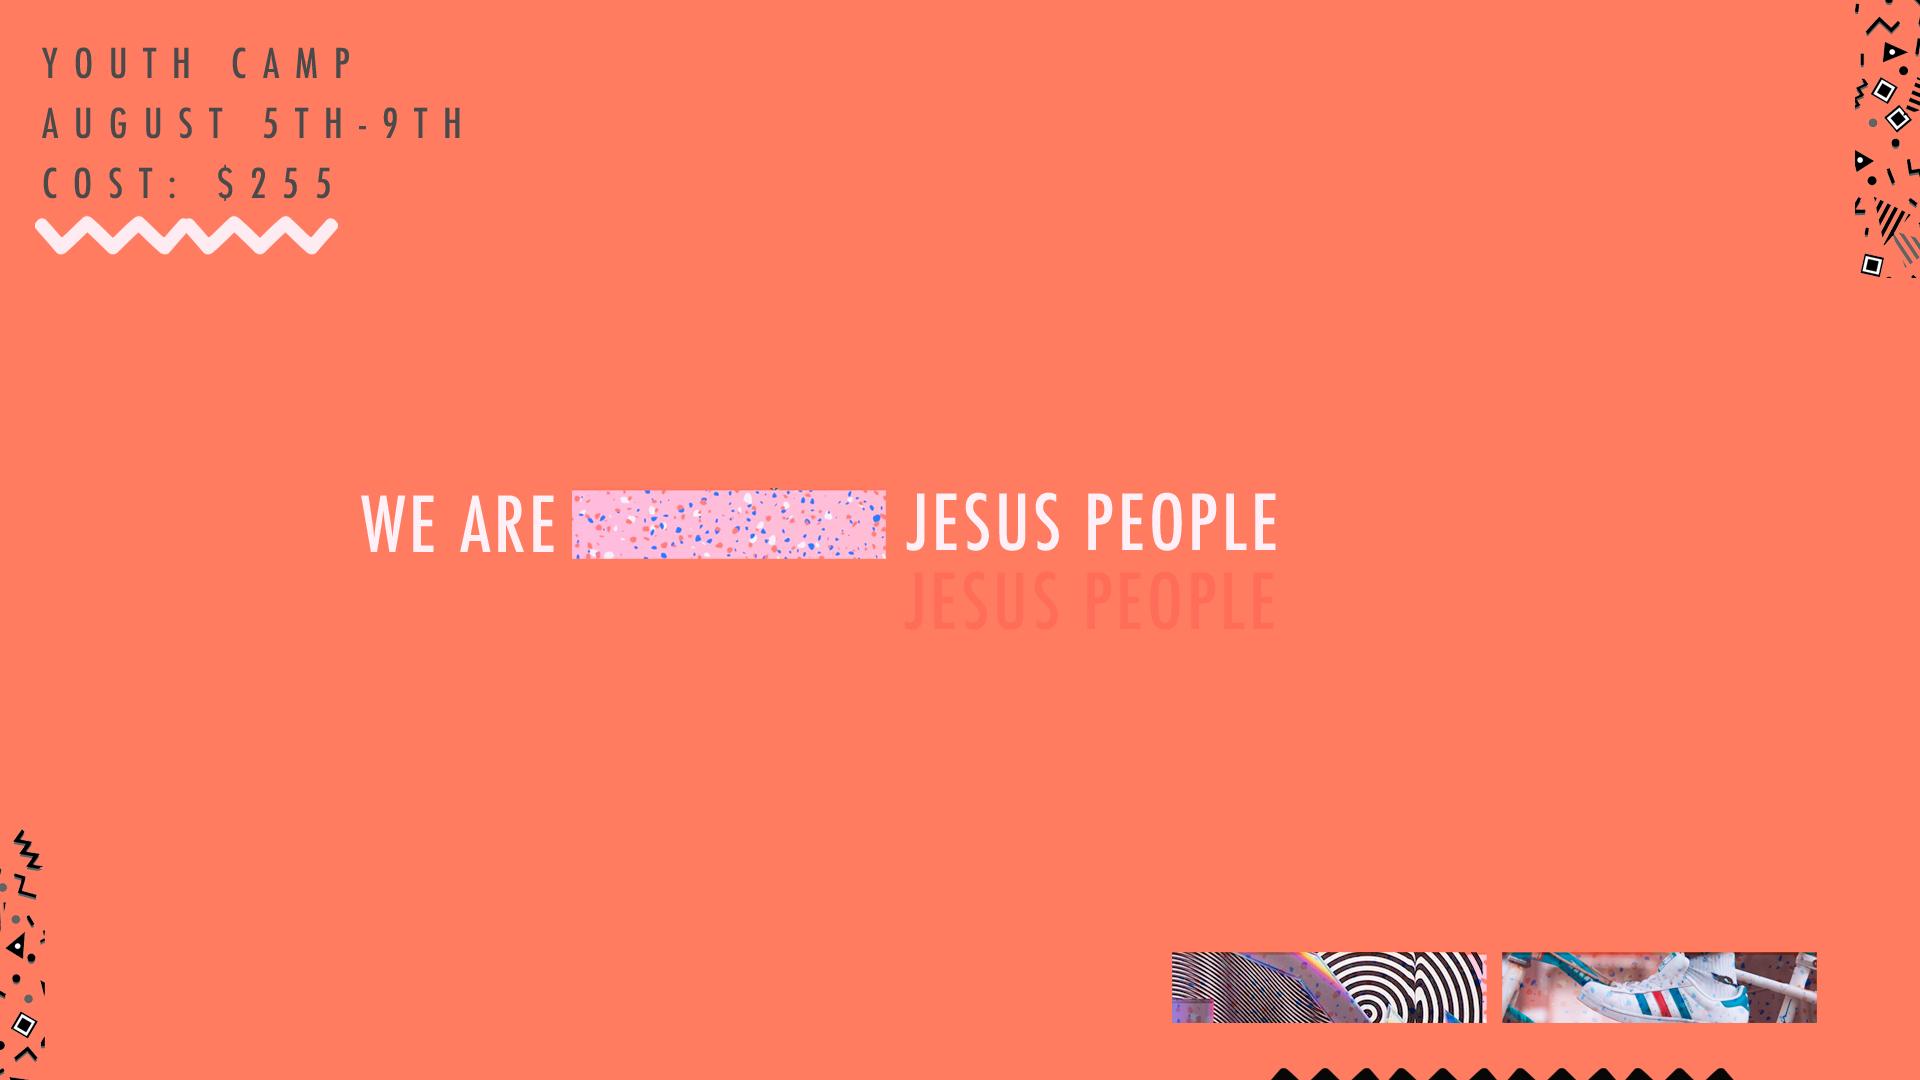 We Are Jesus People Promo Slide 3.jpg